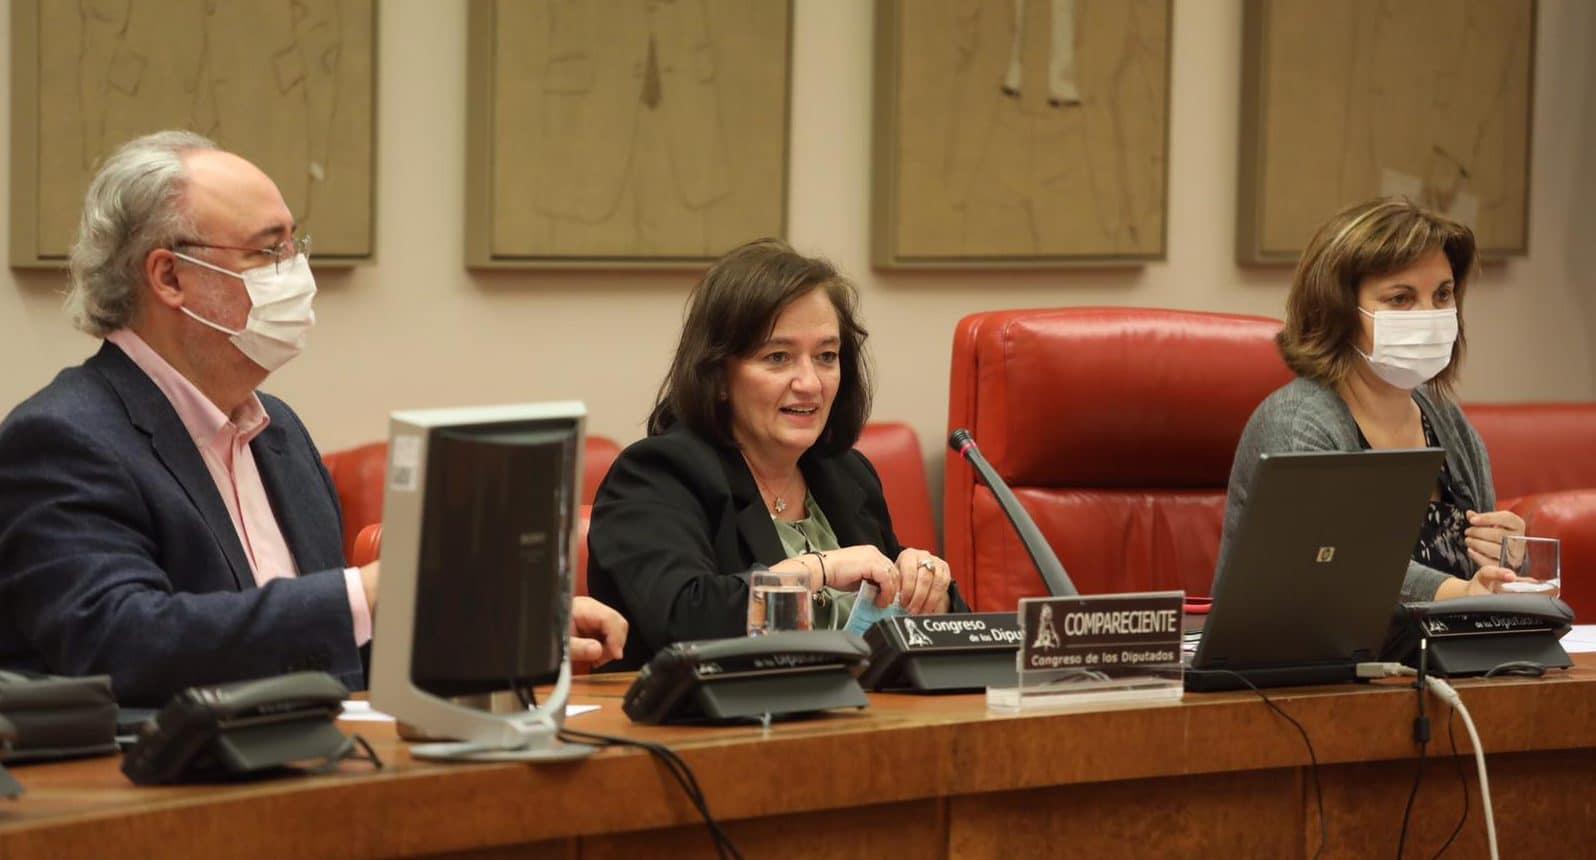 cristina herrero comparece en la comision de presupuestos del congreso